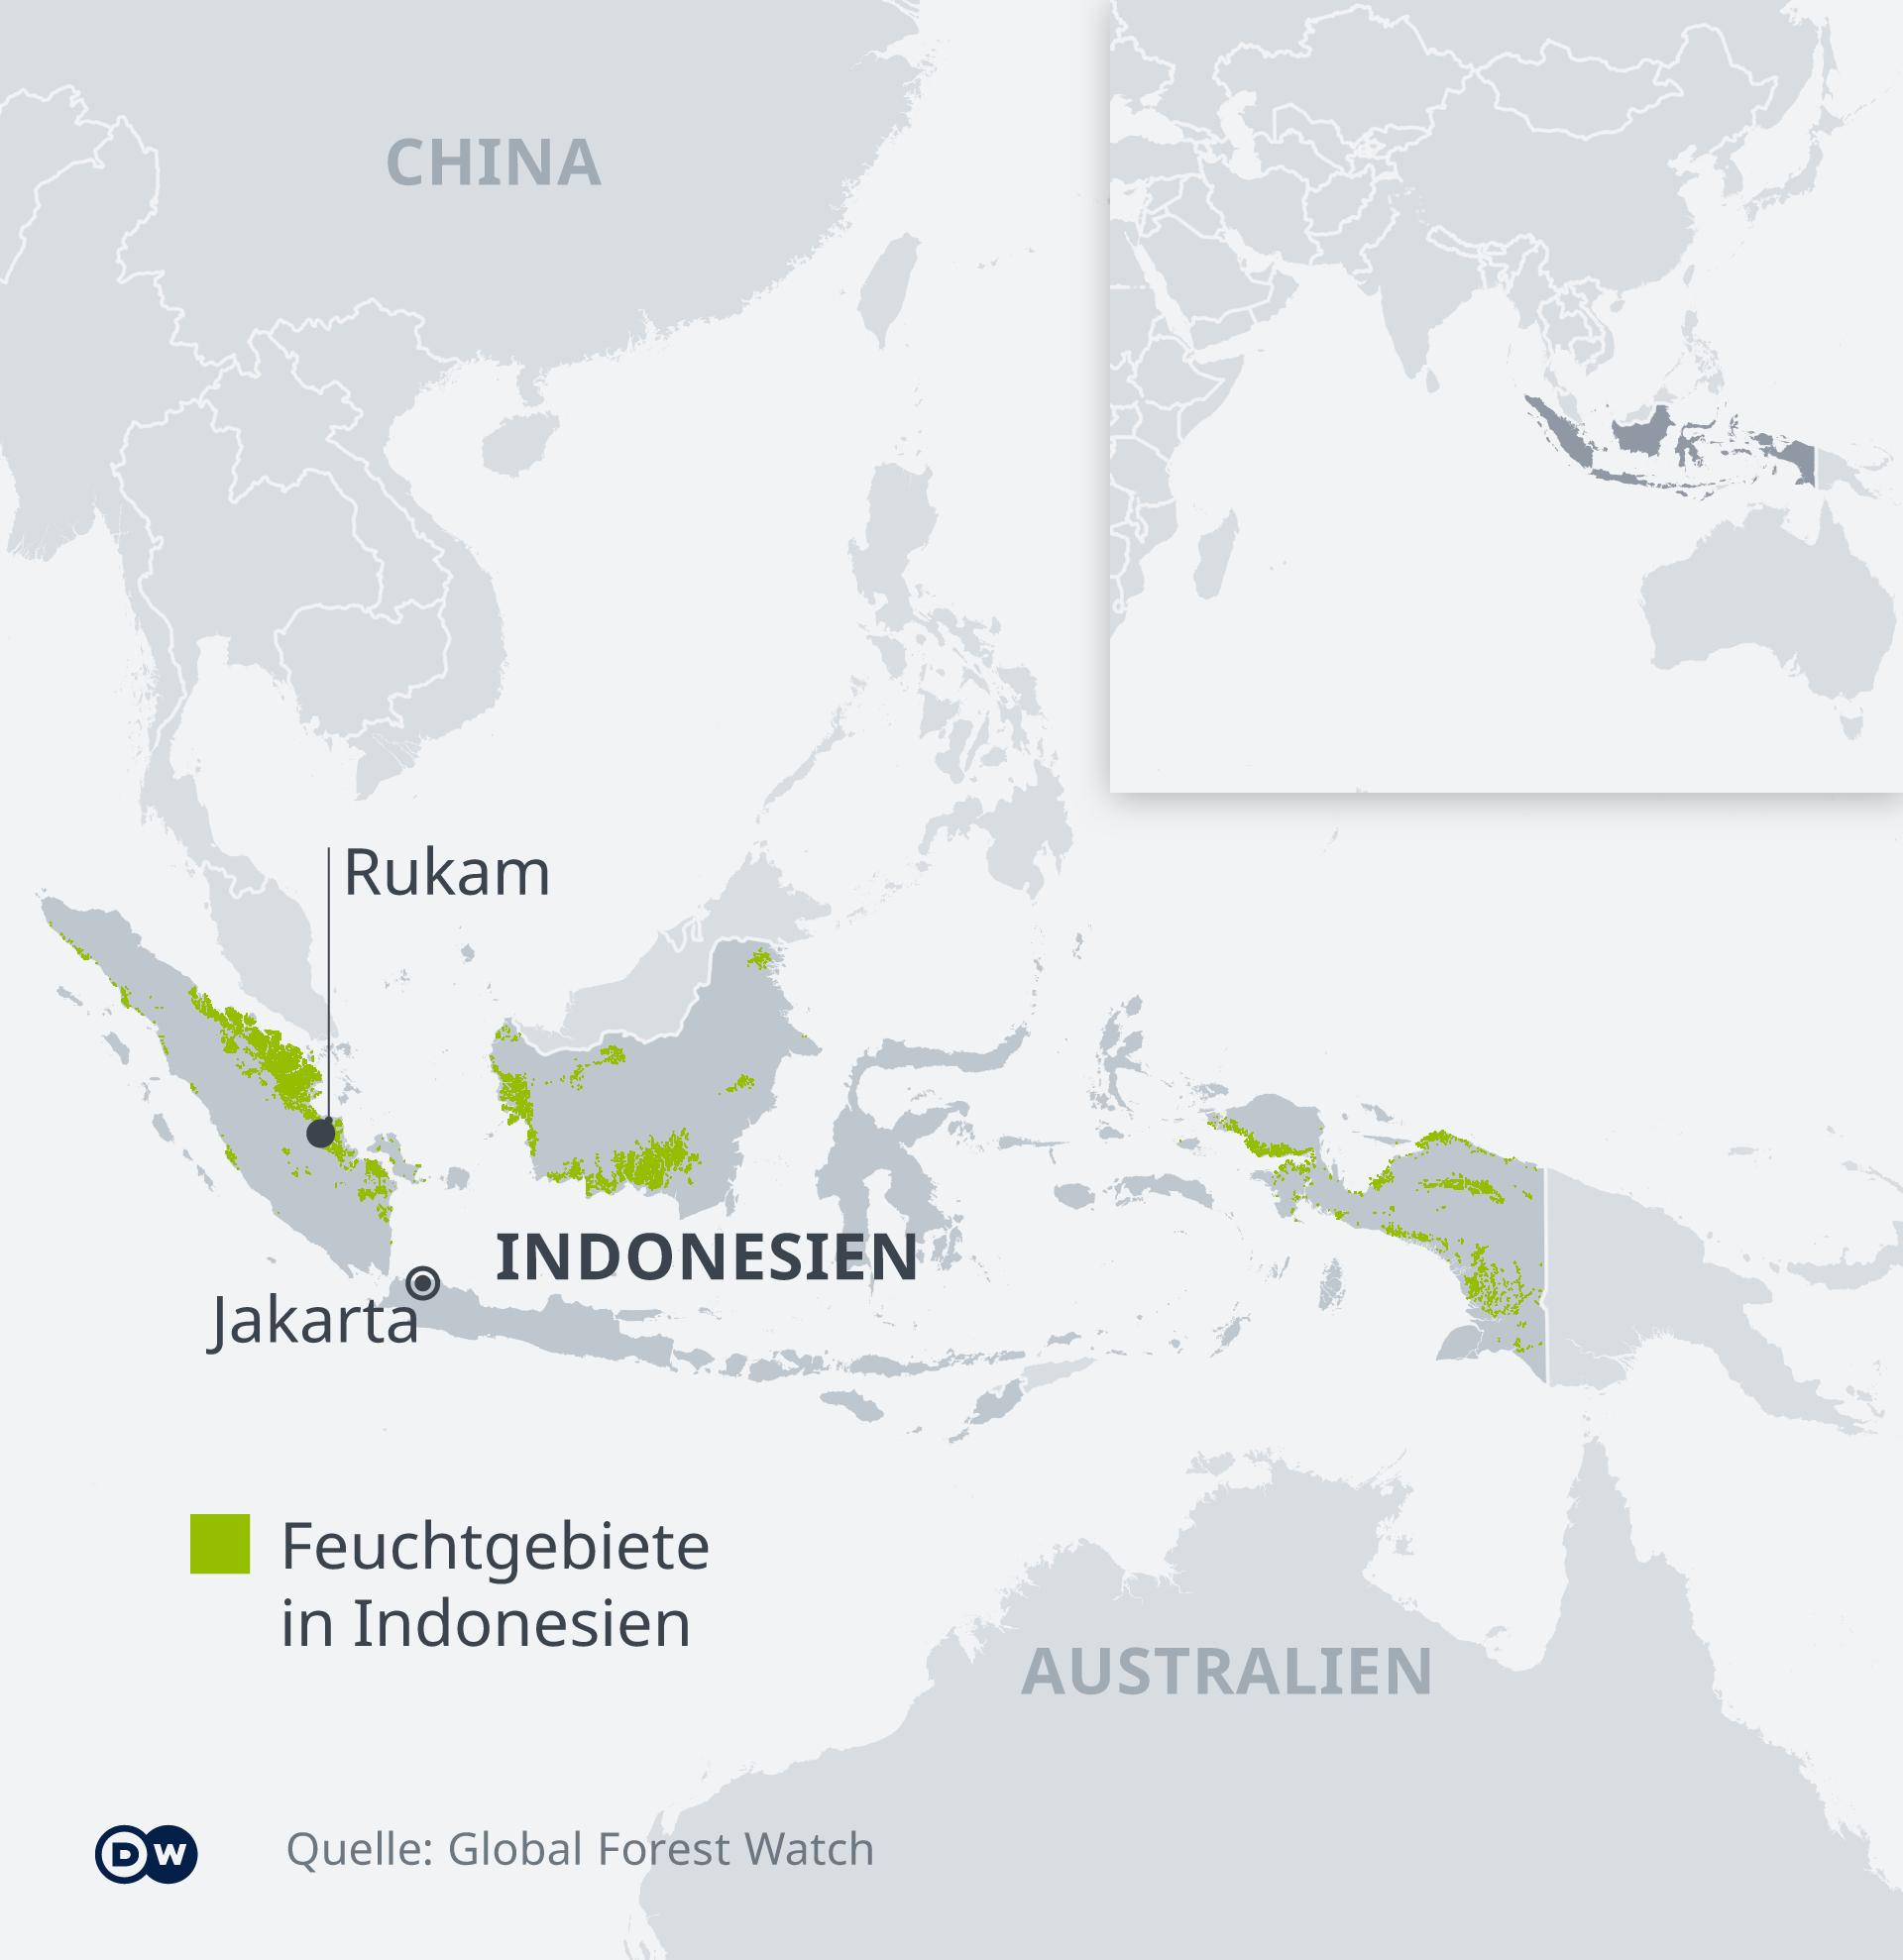 Die Karte zeigt die Verbreitung von Torfmooren in Indonesien und die Lage des Dorfes Rukam.